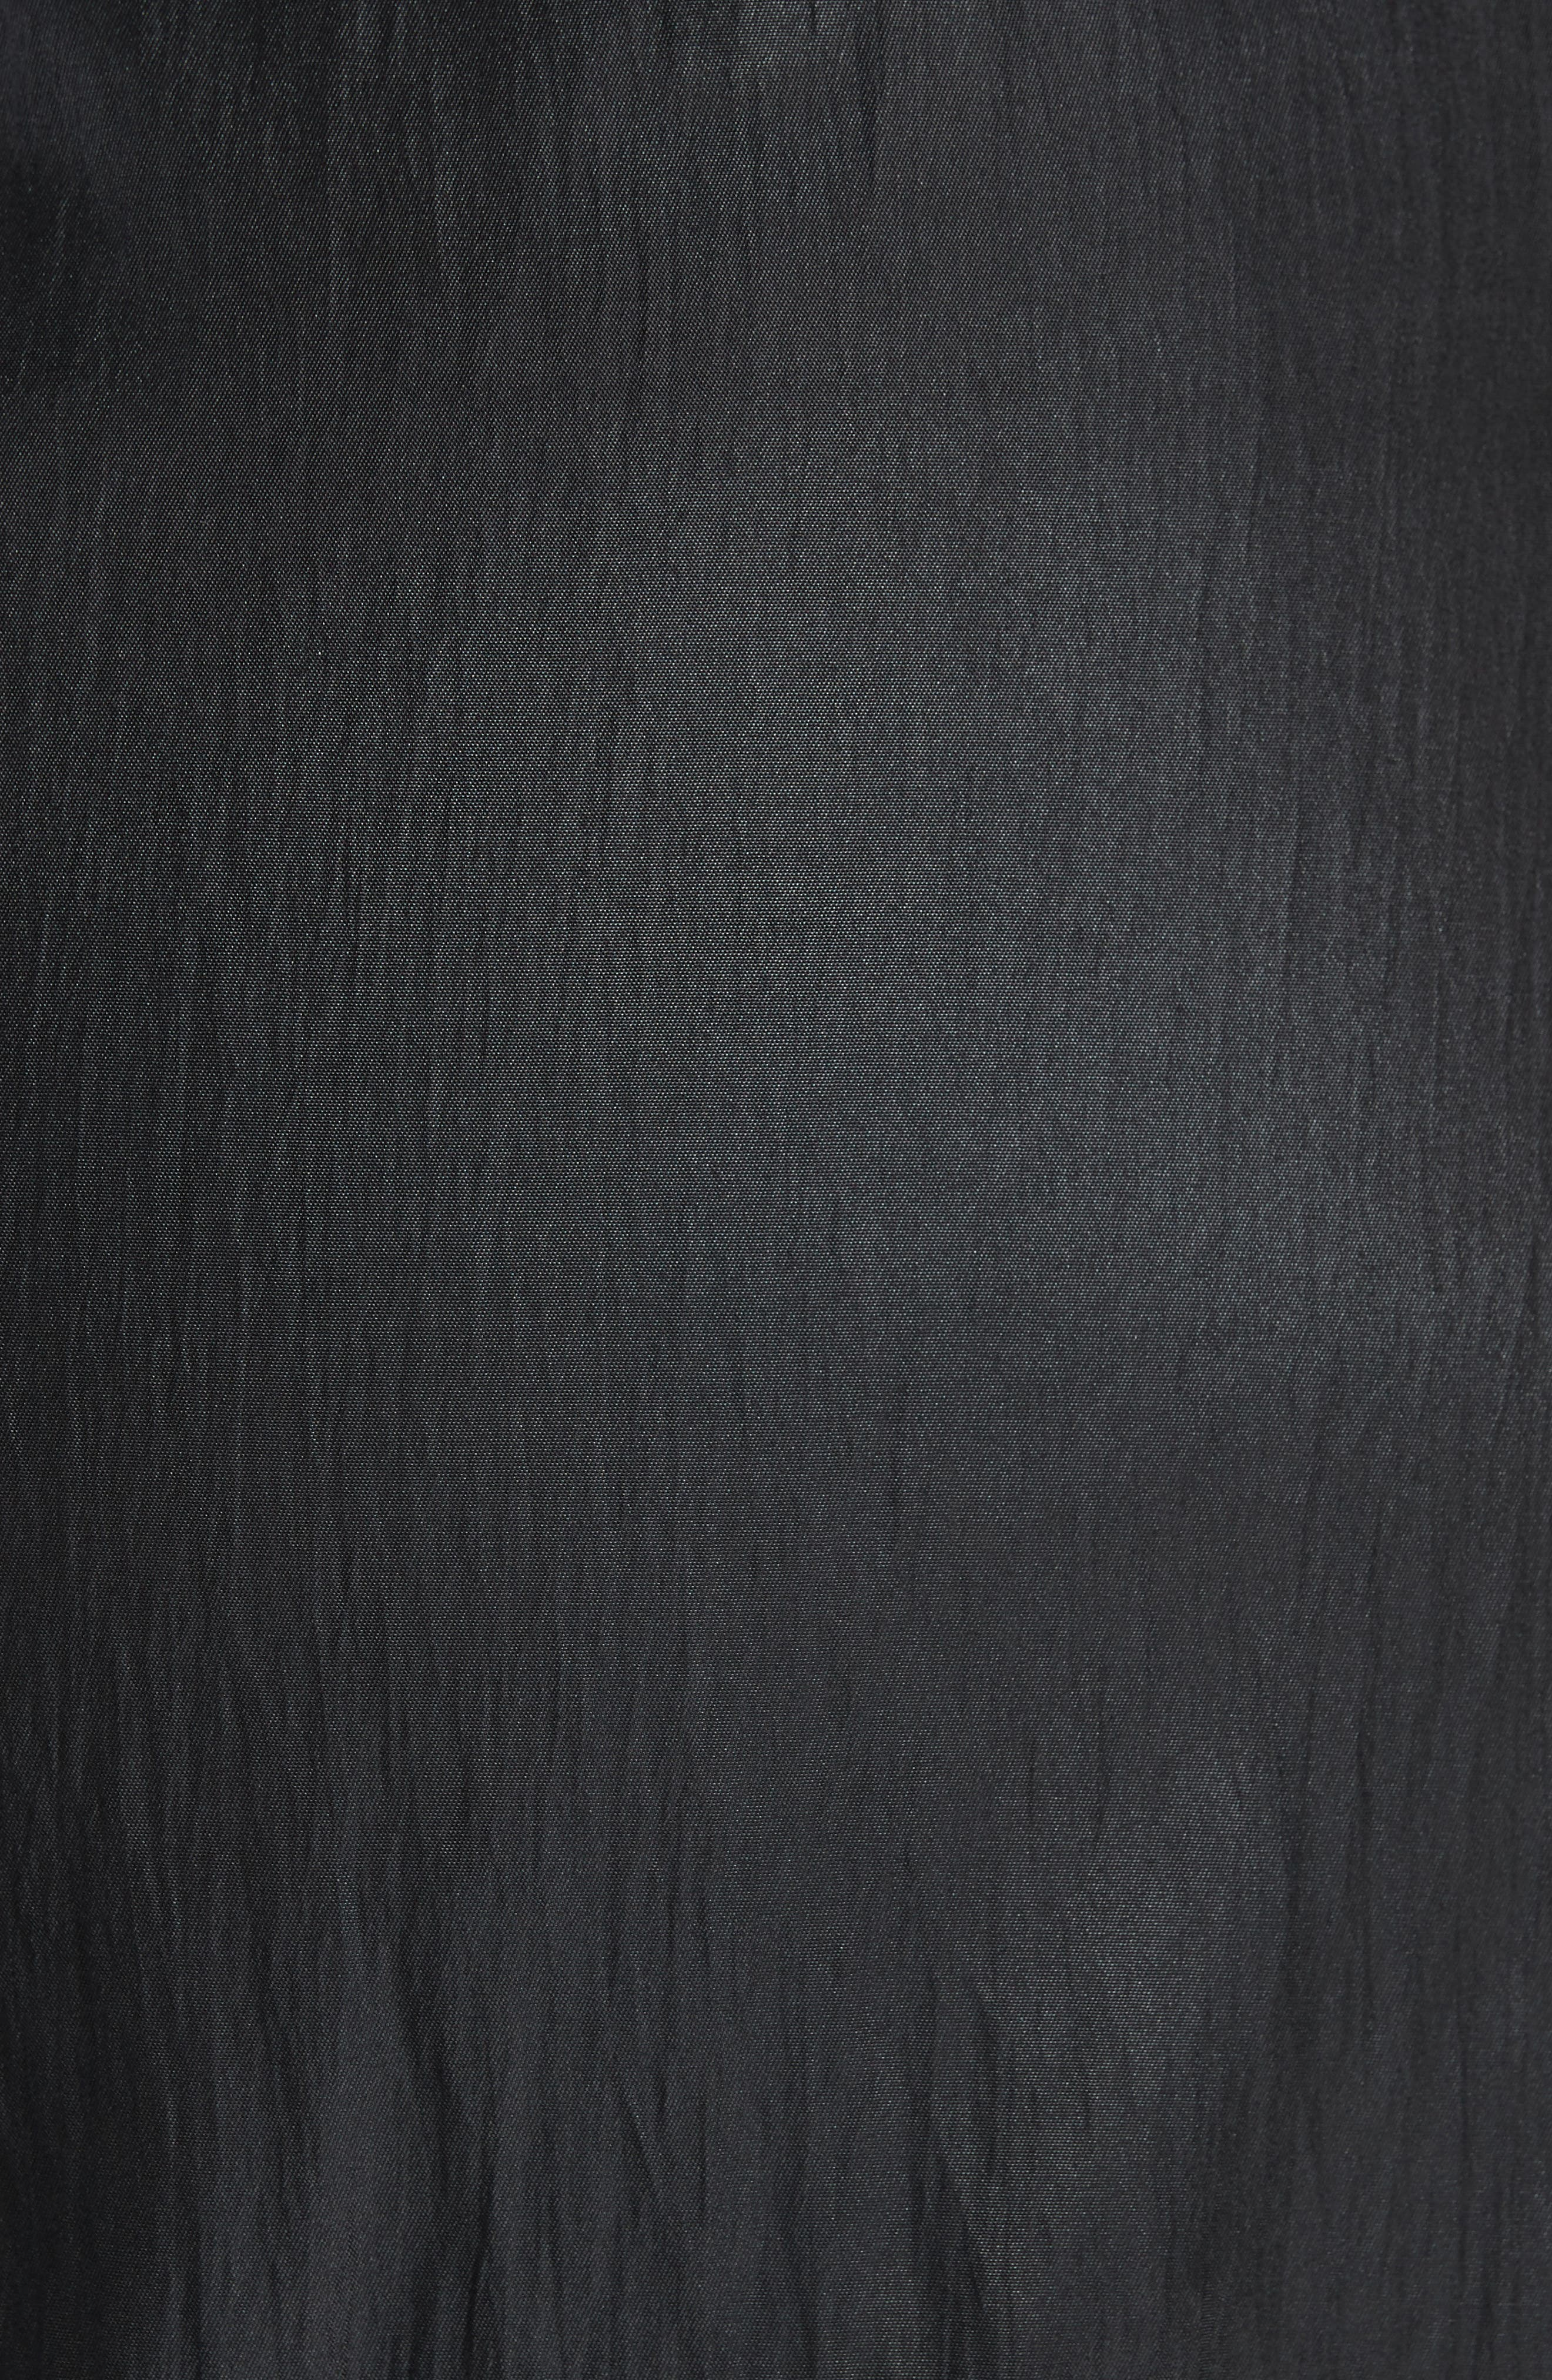 Lace Midi Slipdress,                             Alternate thumbnail 5, color,                             001